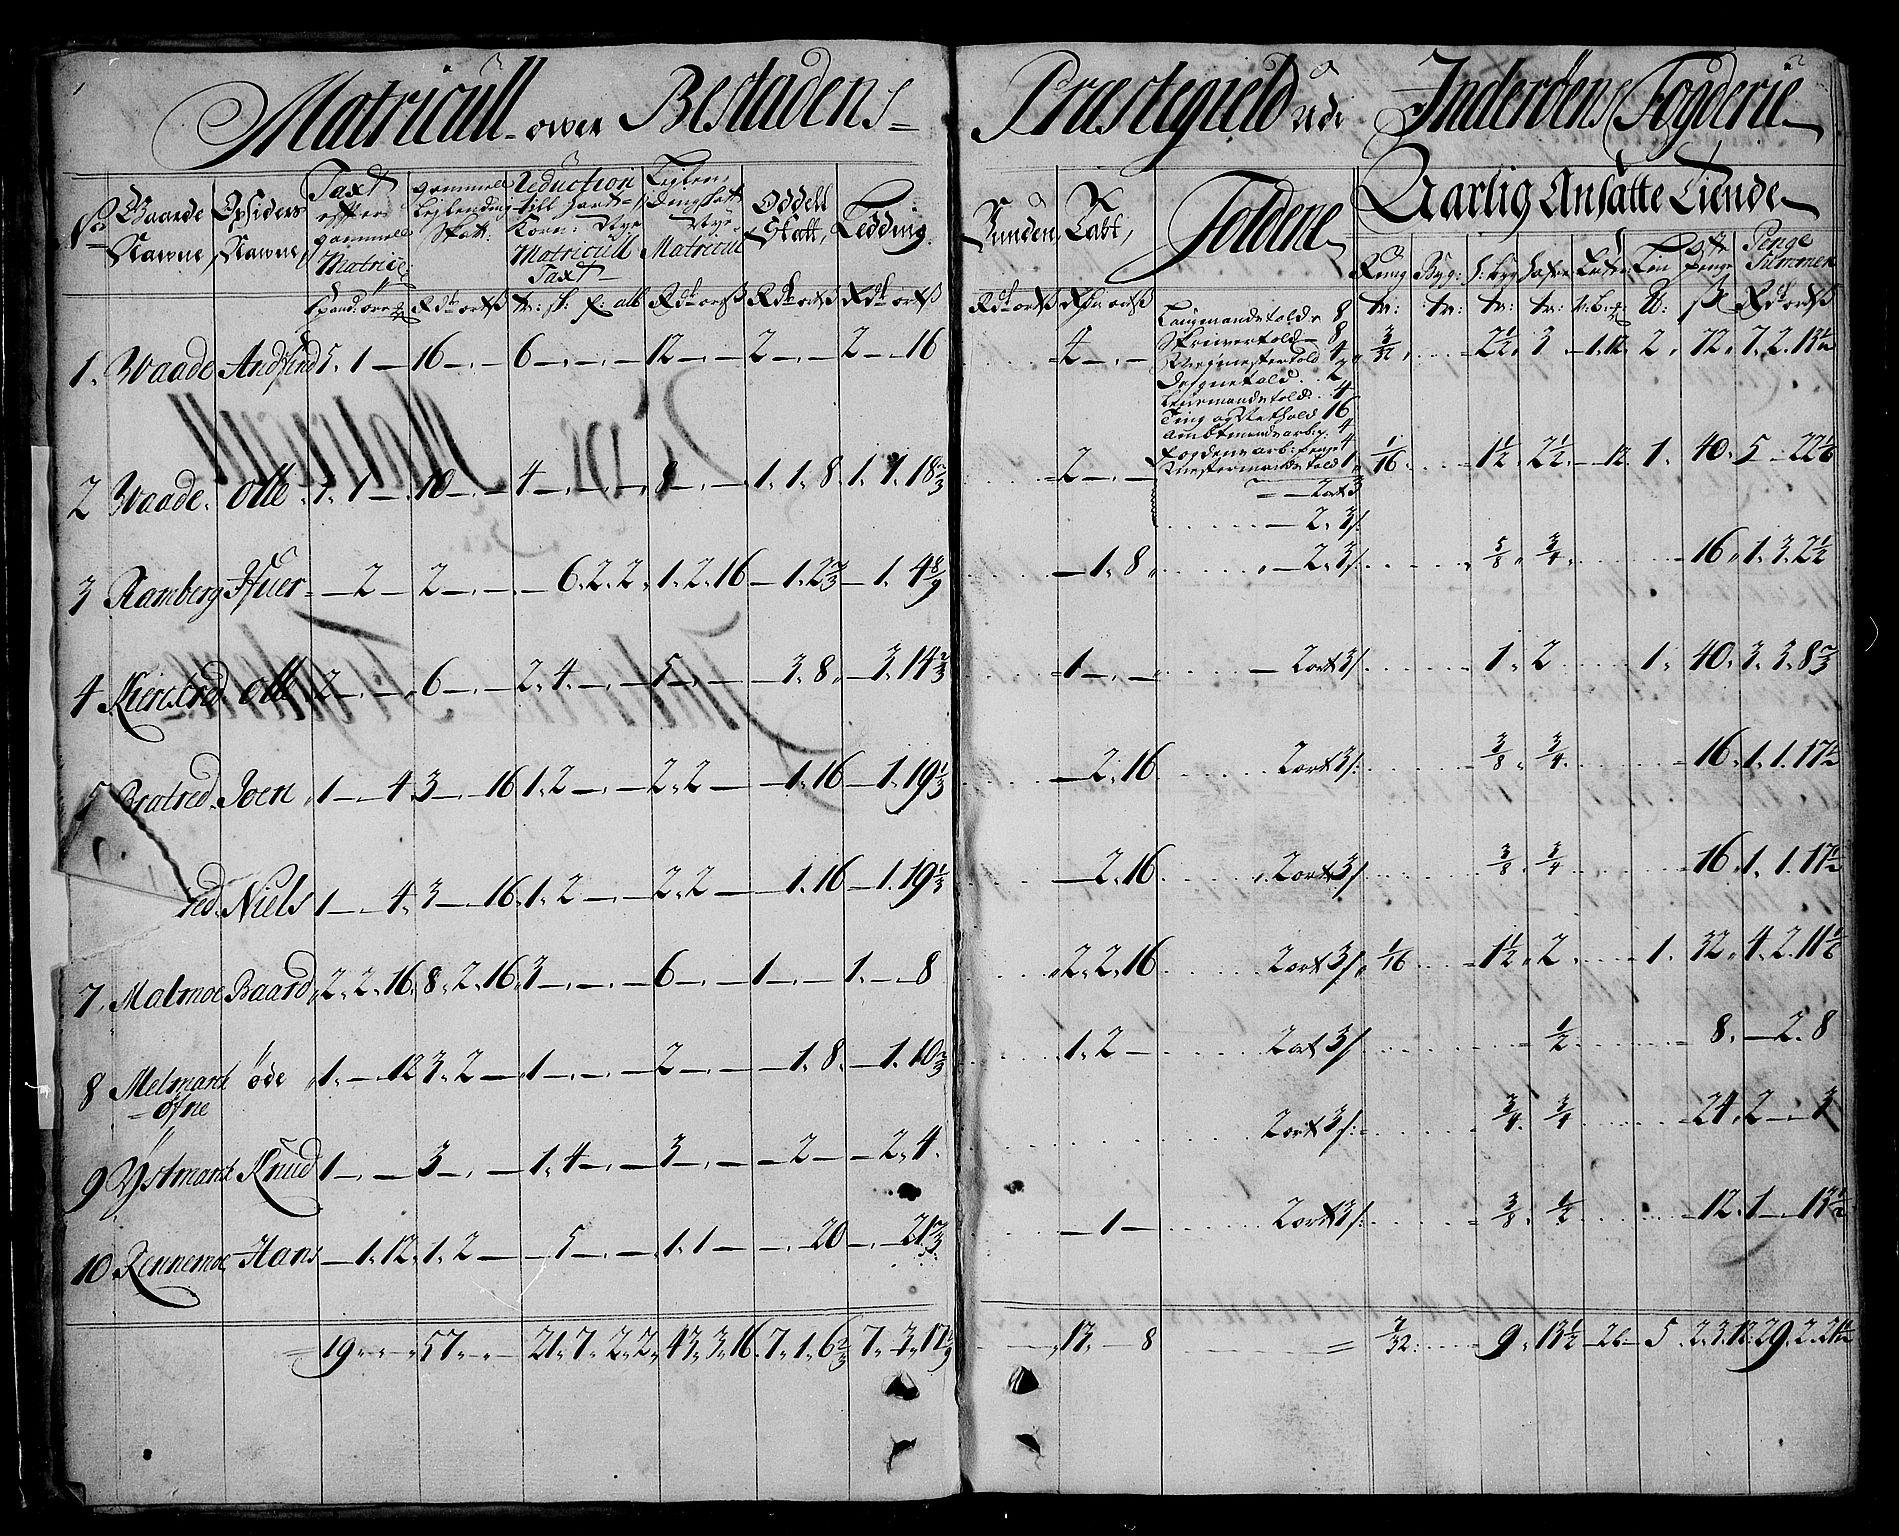 RA, Rentekammeret inntil 1814, Realistisk ordnet avdeling, N/Nb/Nbf/L0167: Inderøy matrikkelprotokoll, 1723, s. 1-2